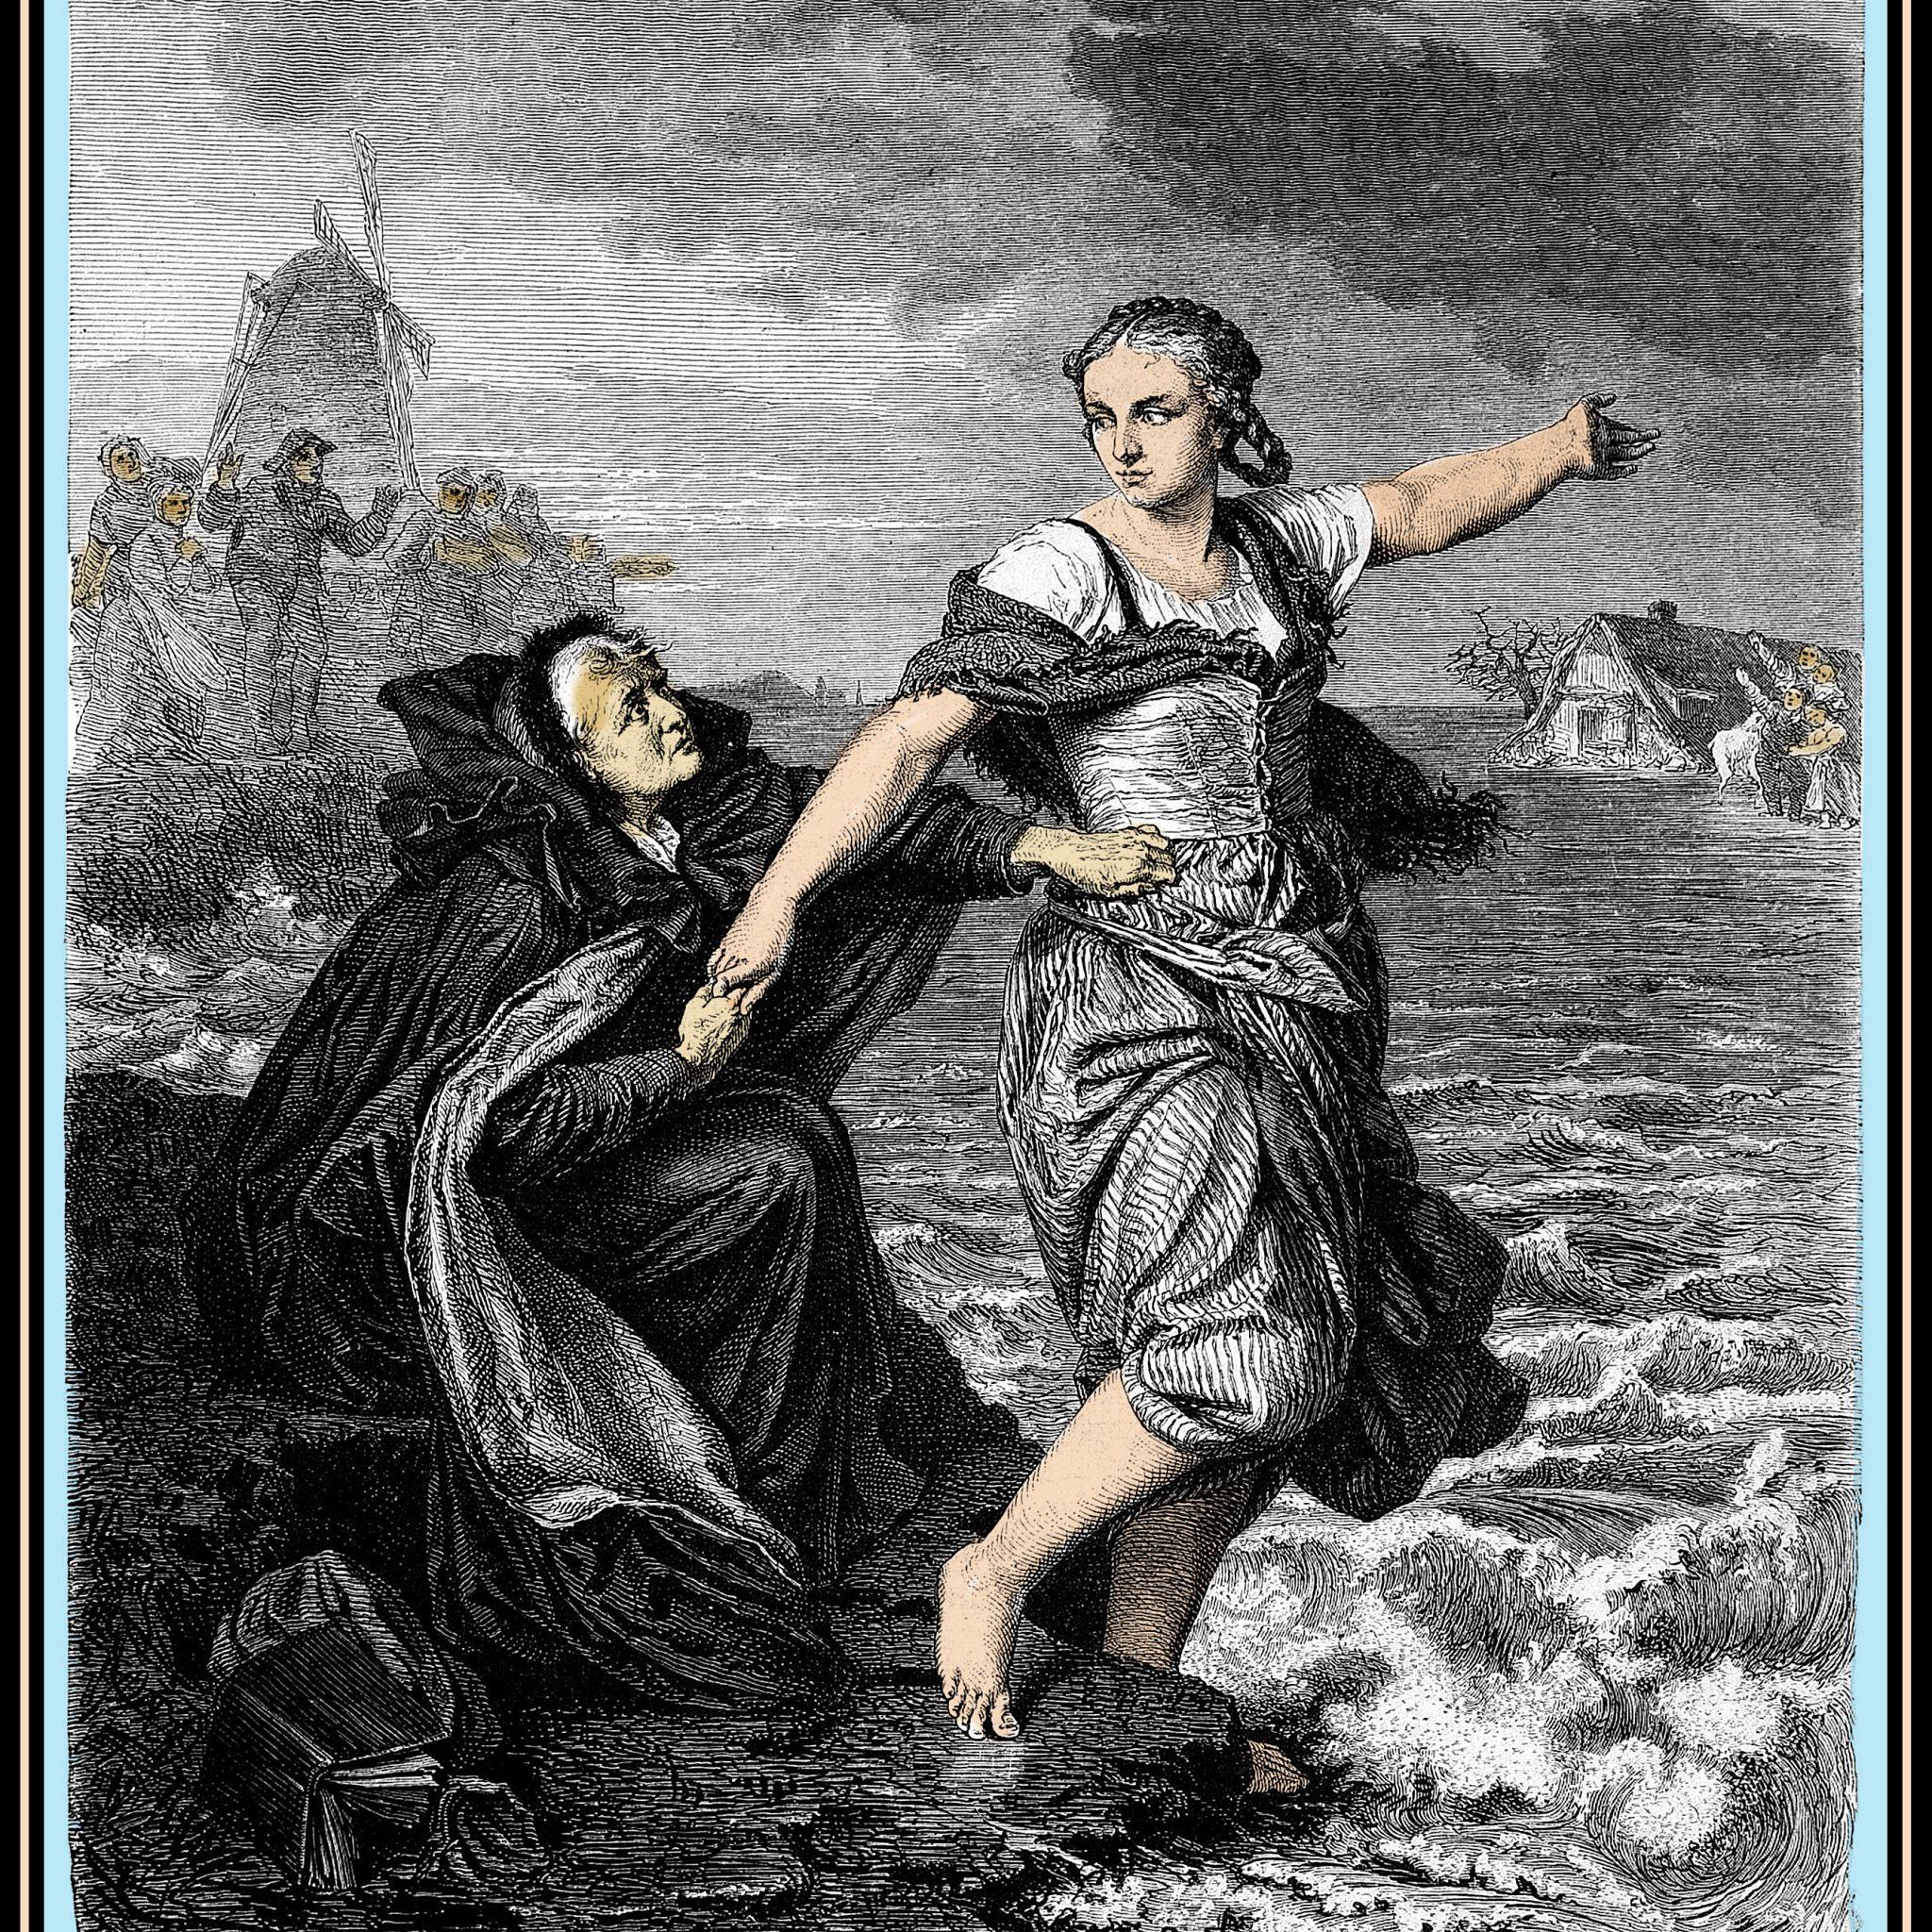 Een gedramatiseerde afbeelding van de Kleefse heldin Johanna Sebus die door haar moeder wordt belet wederom het water in te gaan om mensen te redden.